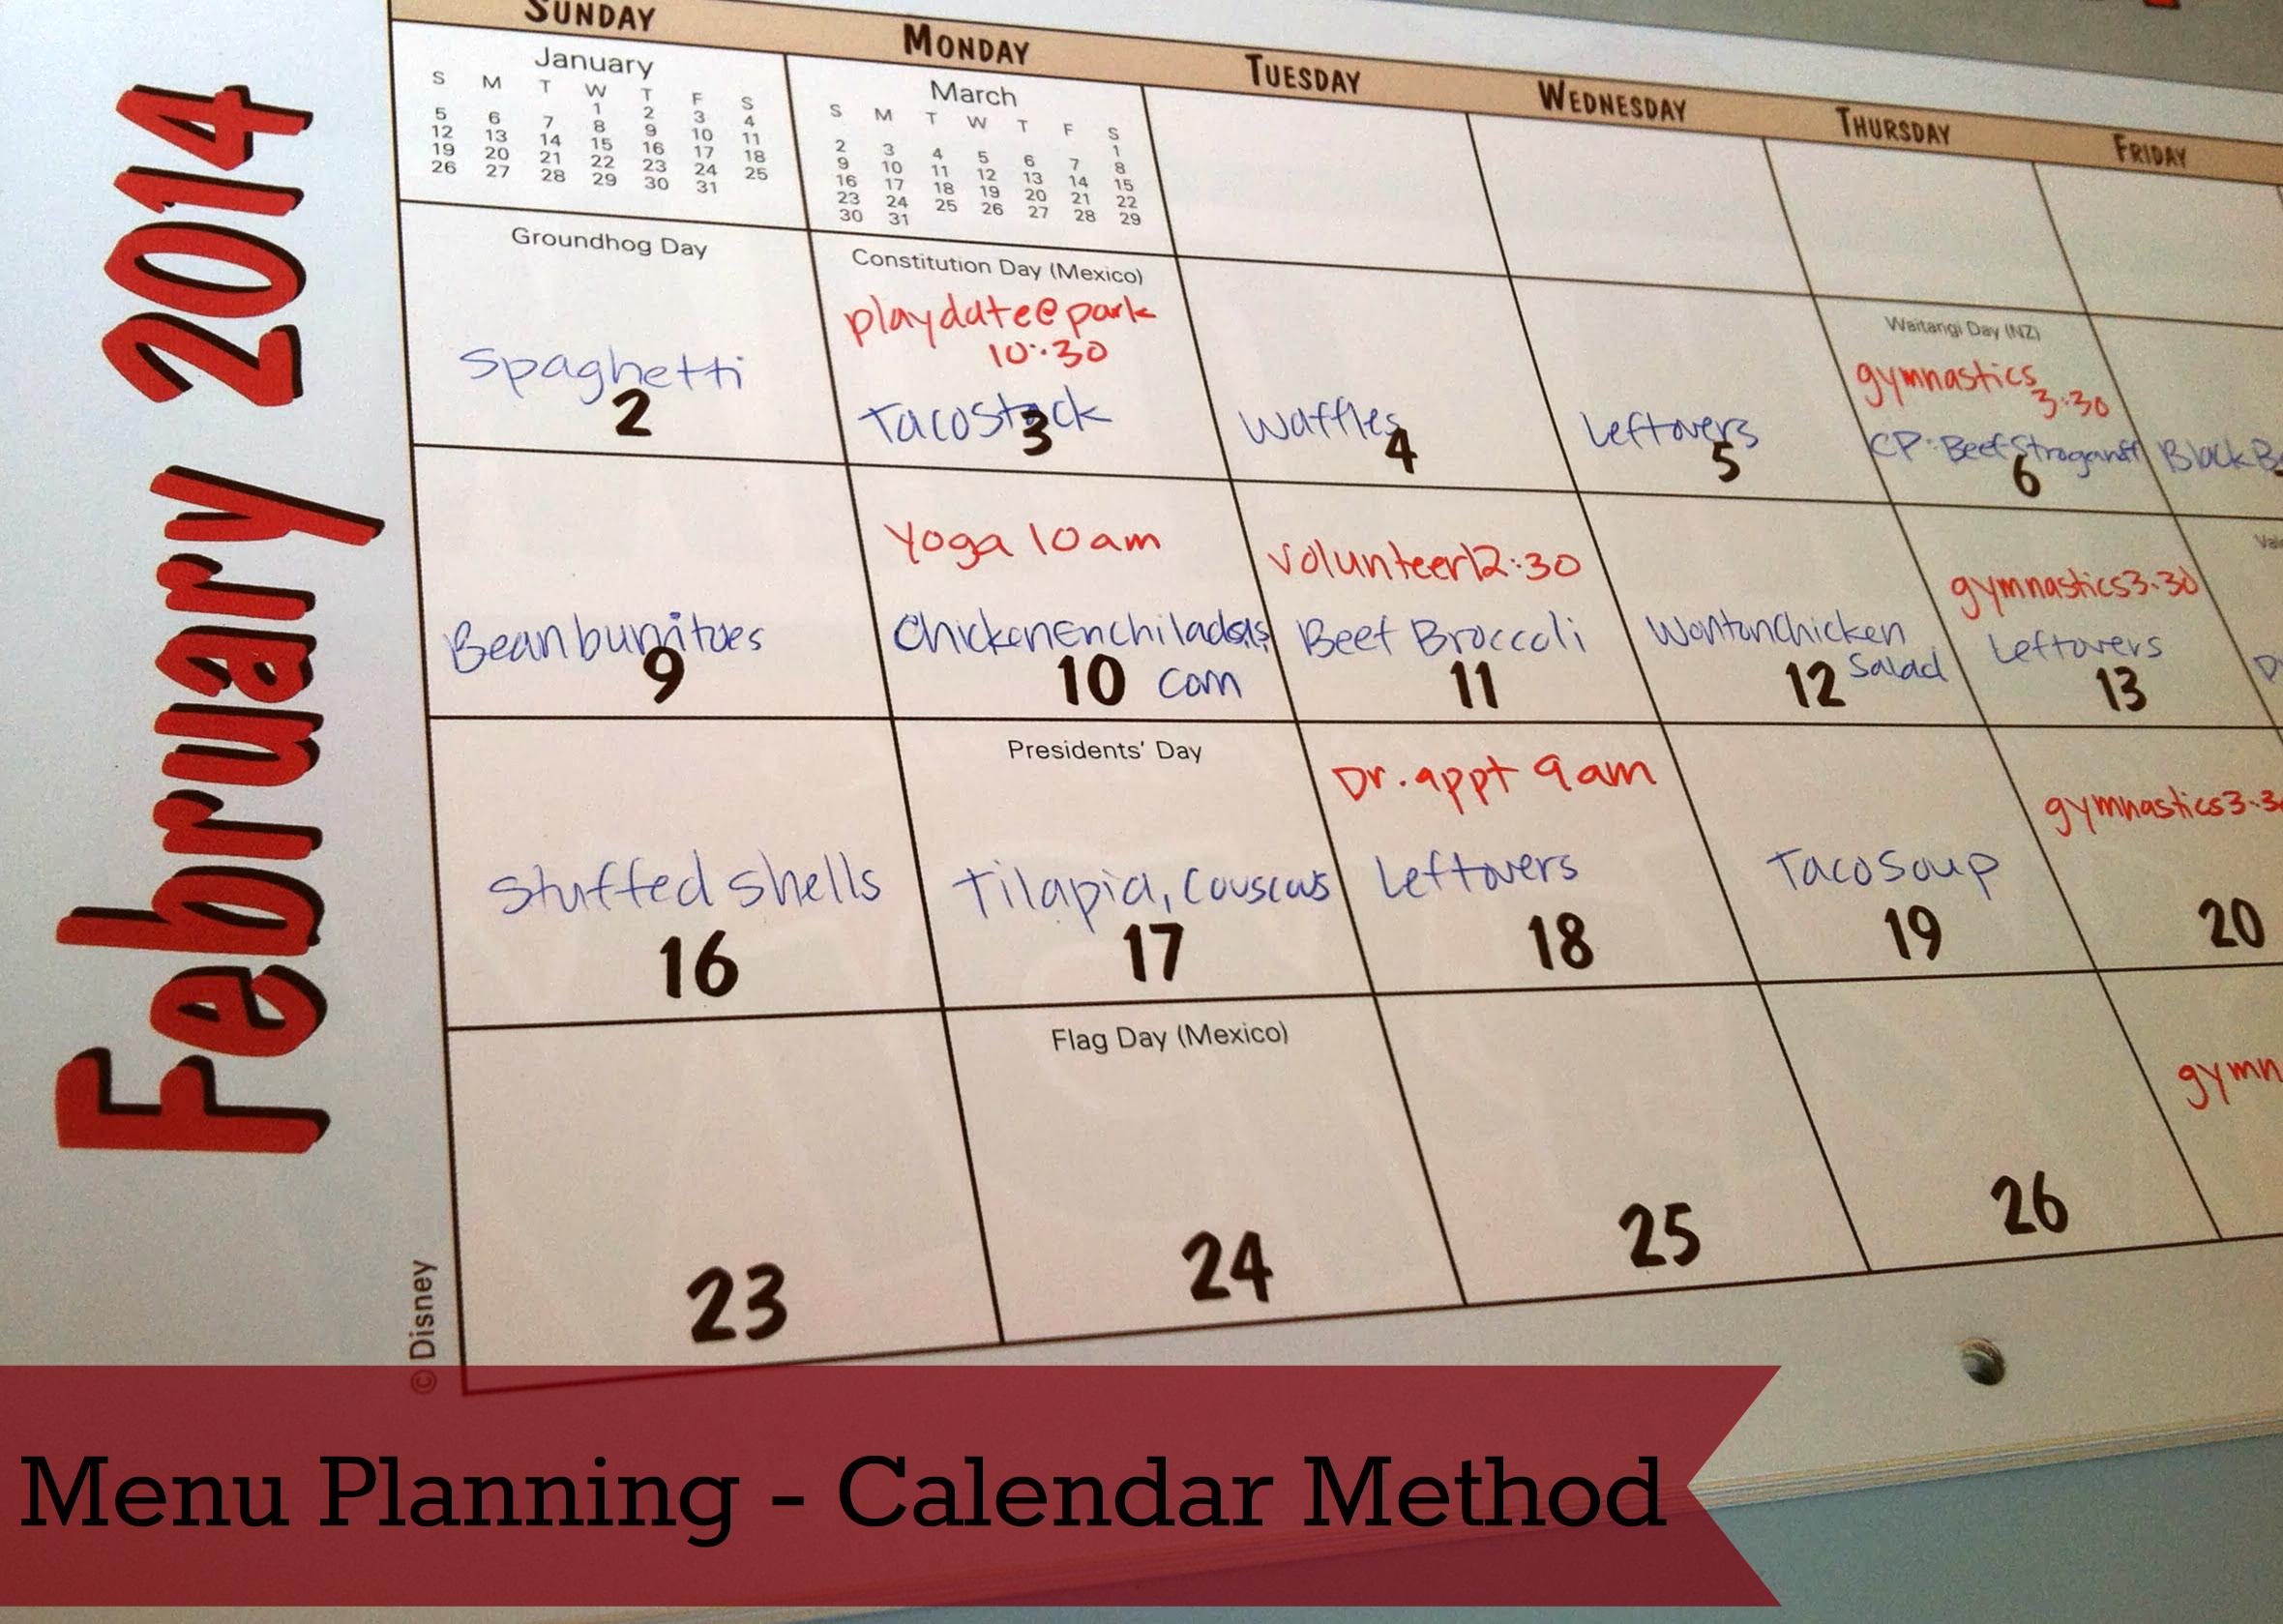 Weekly Menu Planning Method 3 Calendar Mommysavers